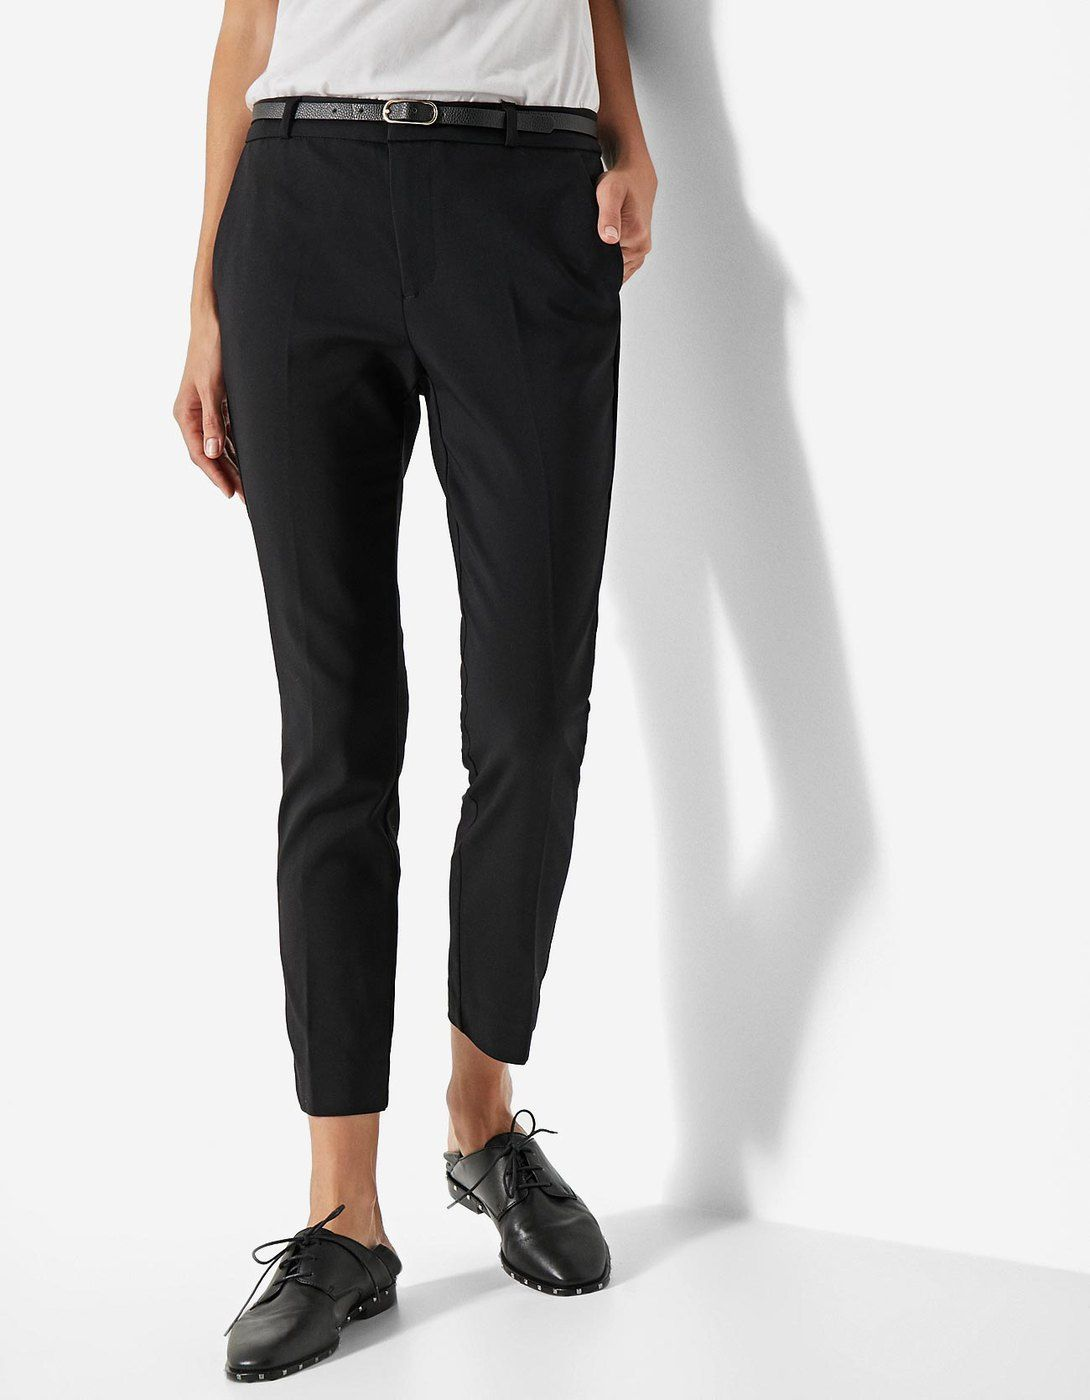 Pantalón vestir con cinturón - Pantalones  af3d4ba03ca6